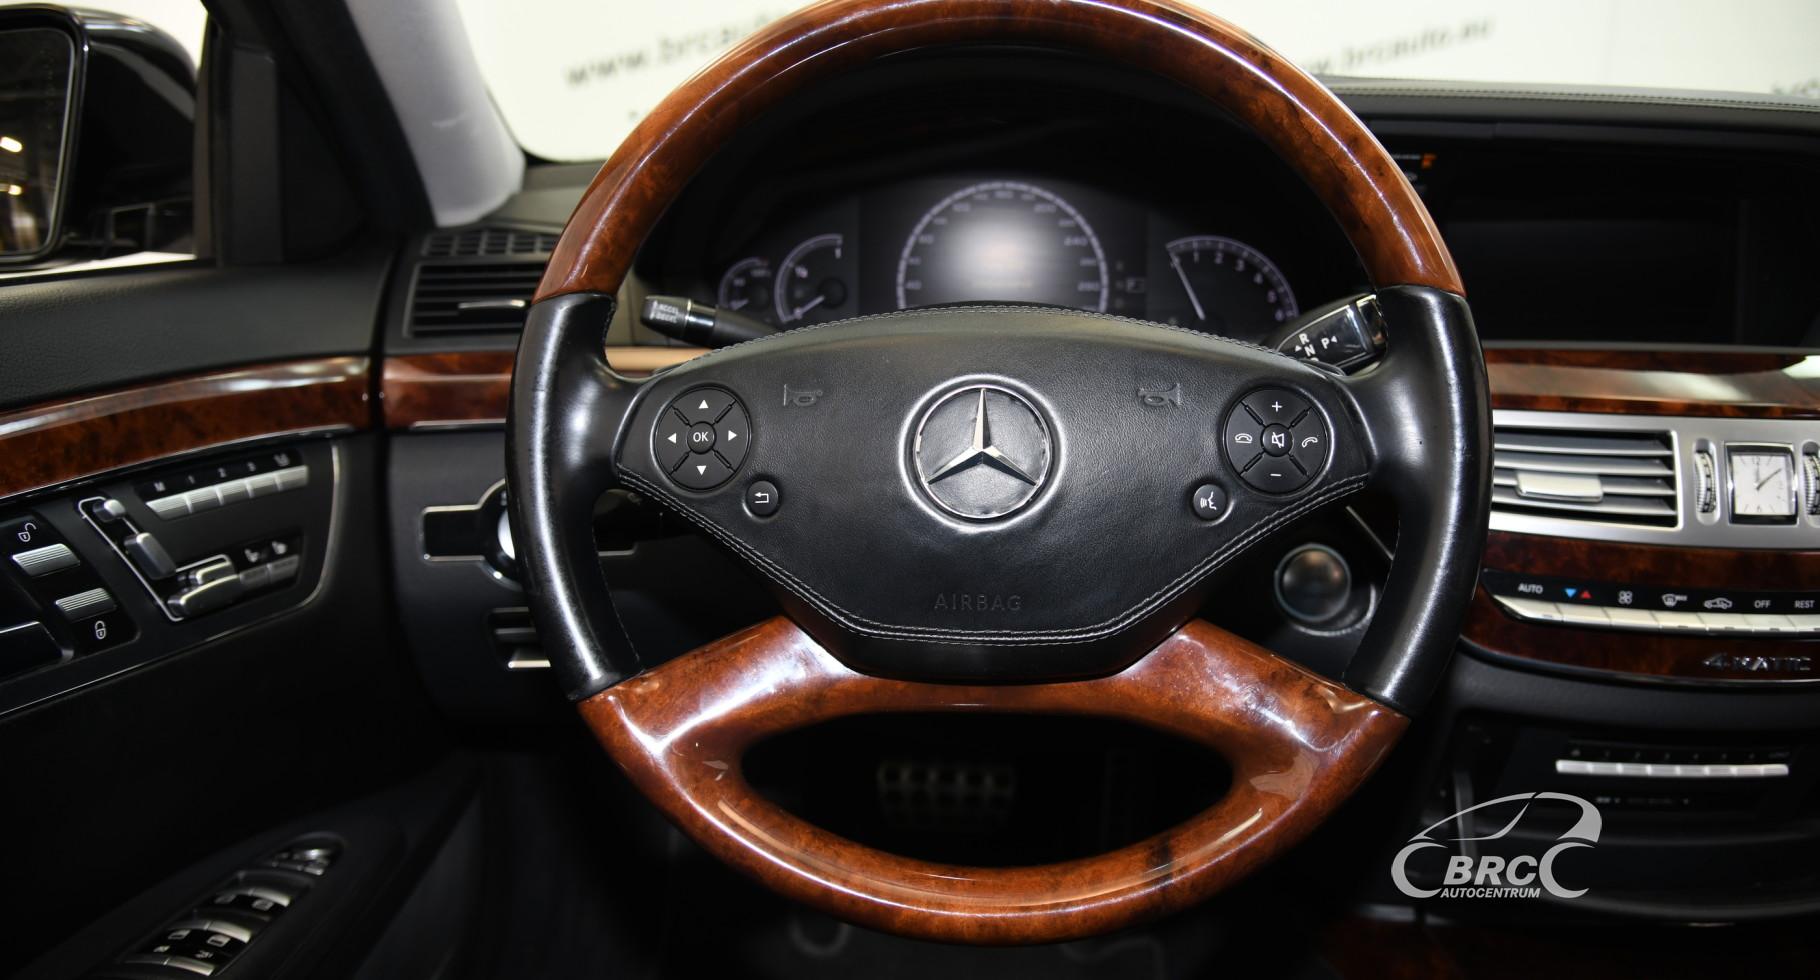 Mercedes-Benz S 550 4 Matic AMG Automatas